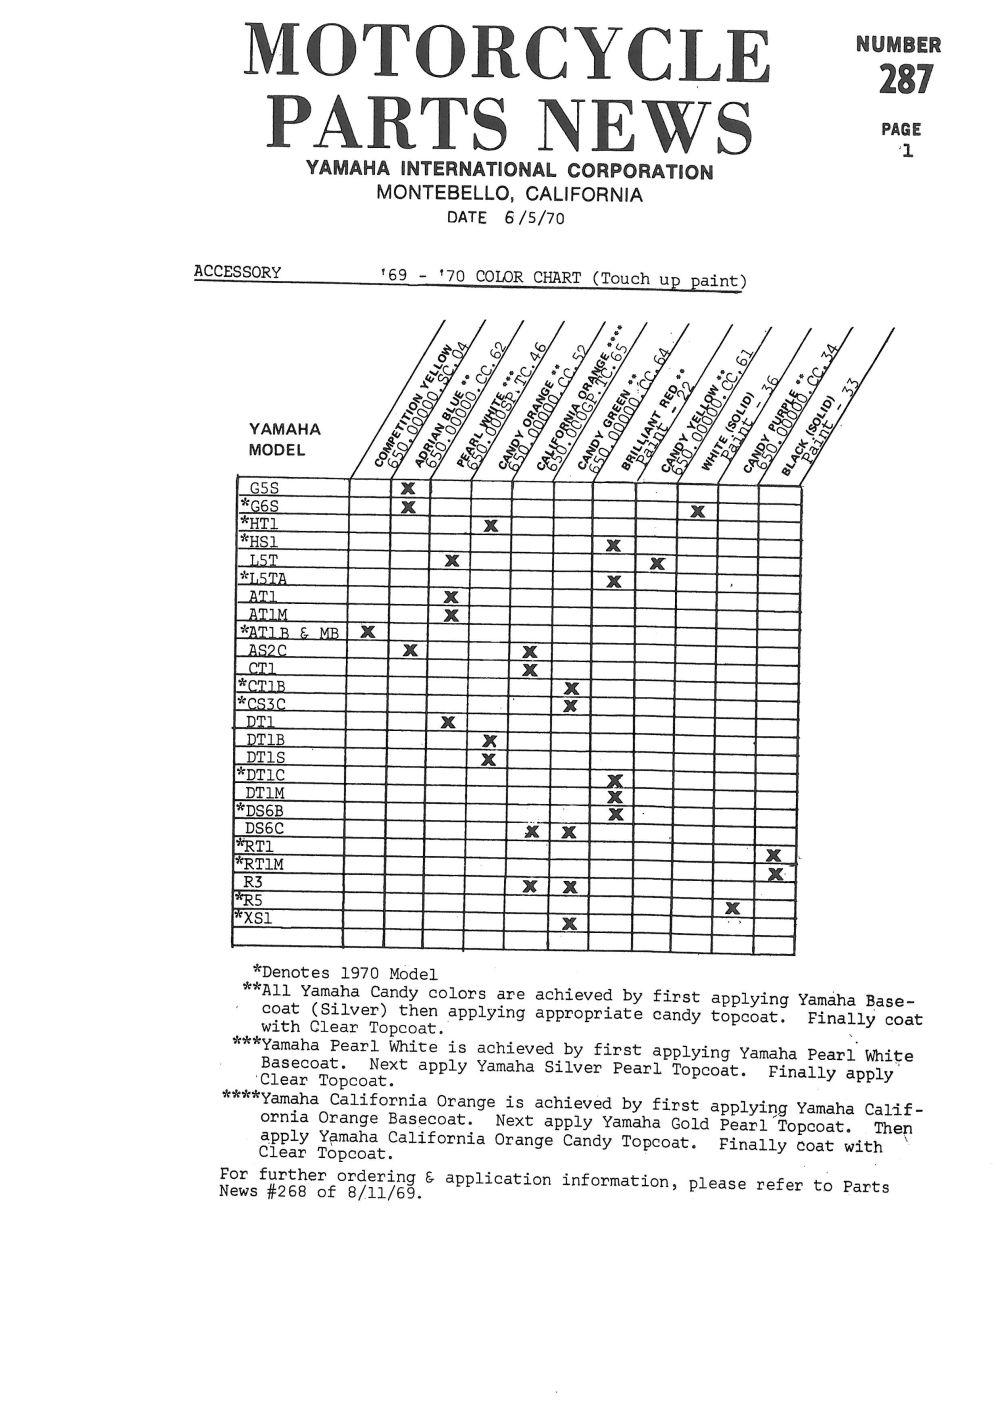 1970 Colour Chart